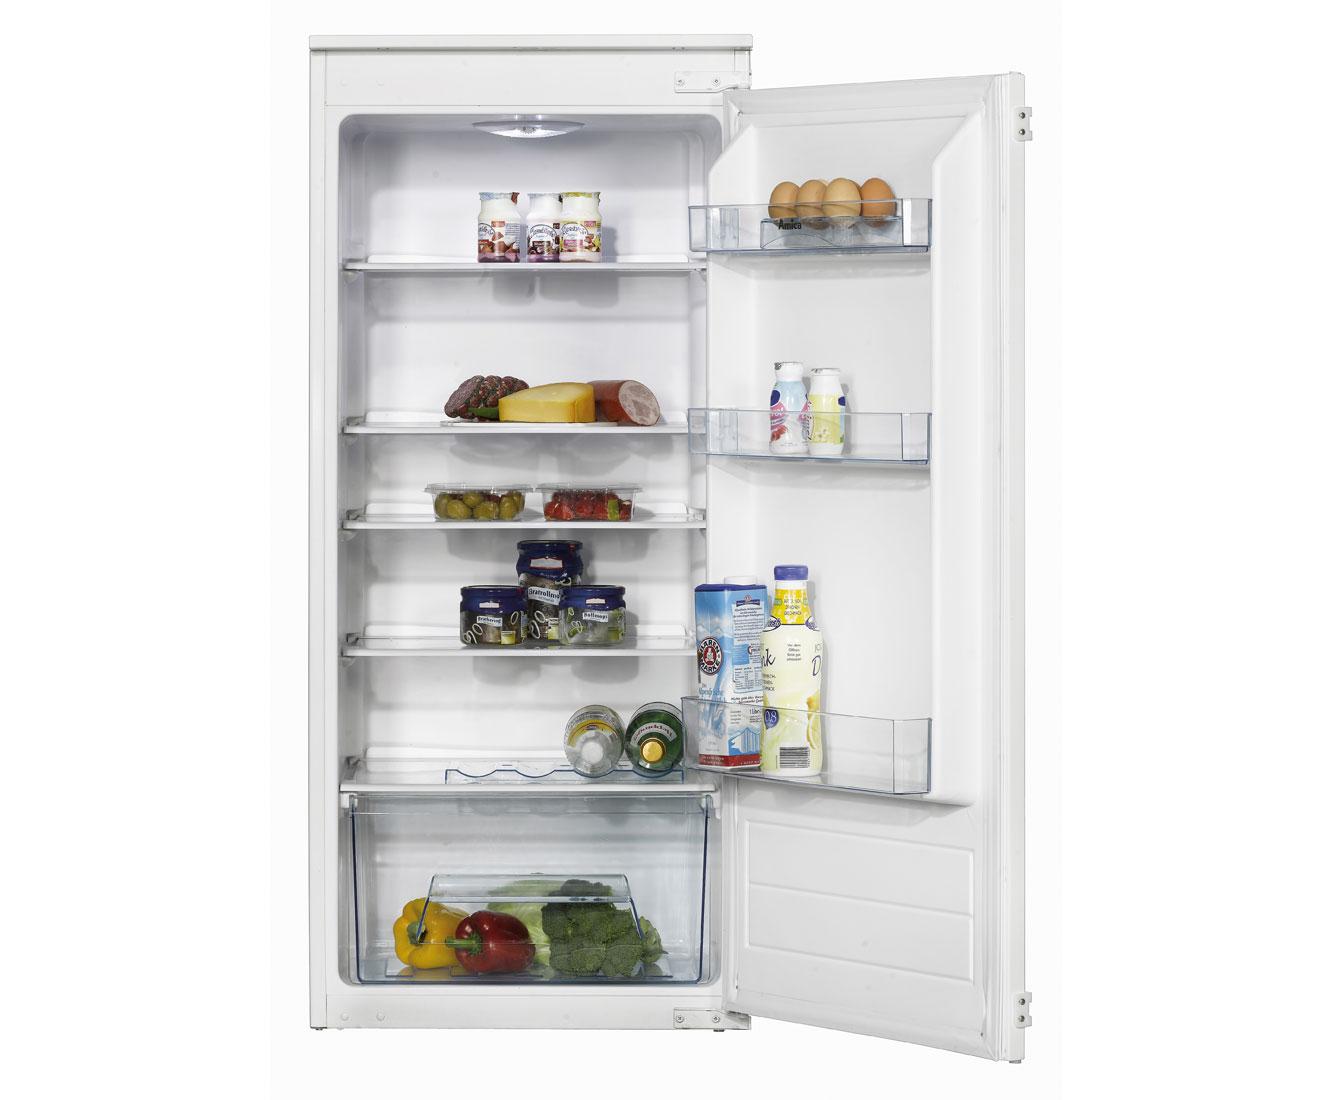 Aeg Kühlschrank Immer Nass : Rabatt preisvergleich weiße ware u e kühlen gefrieren u e kühlschrank